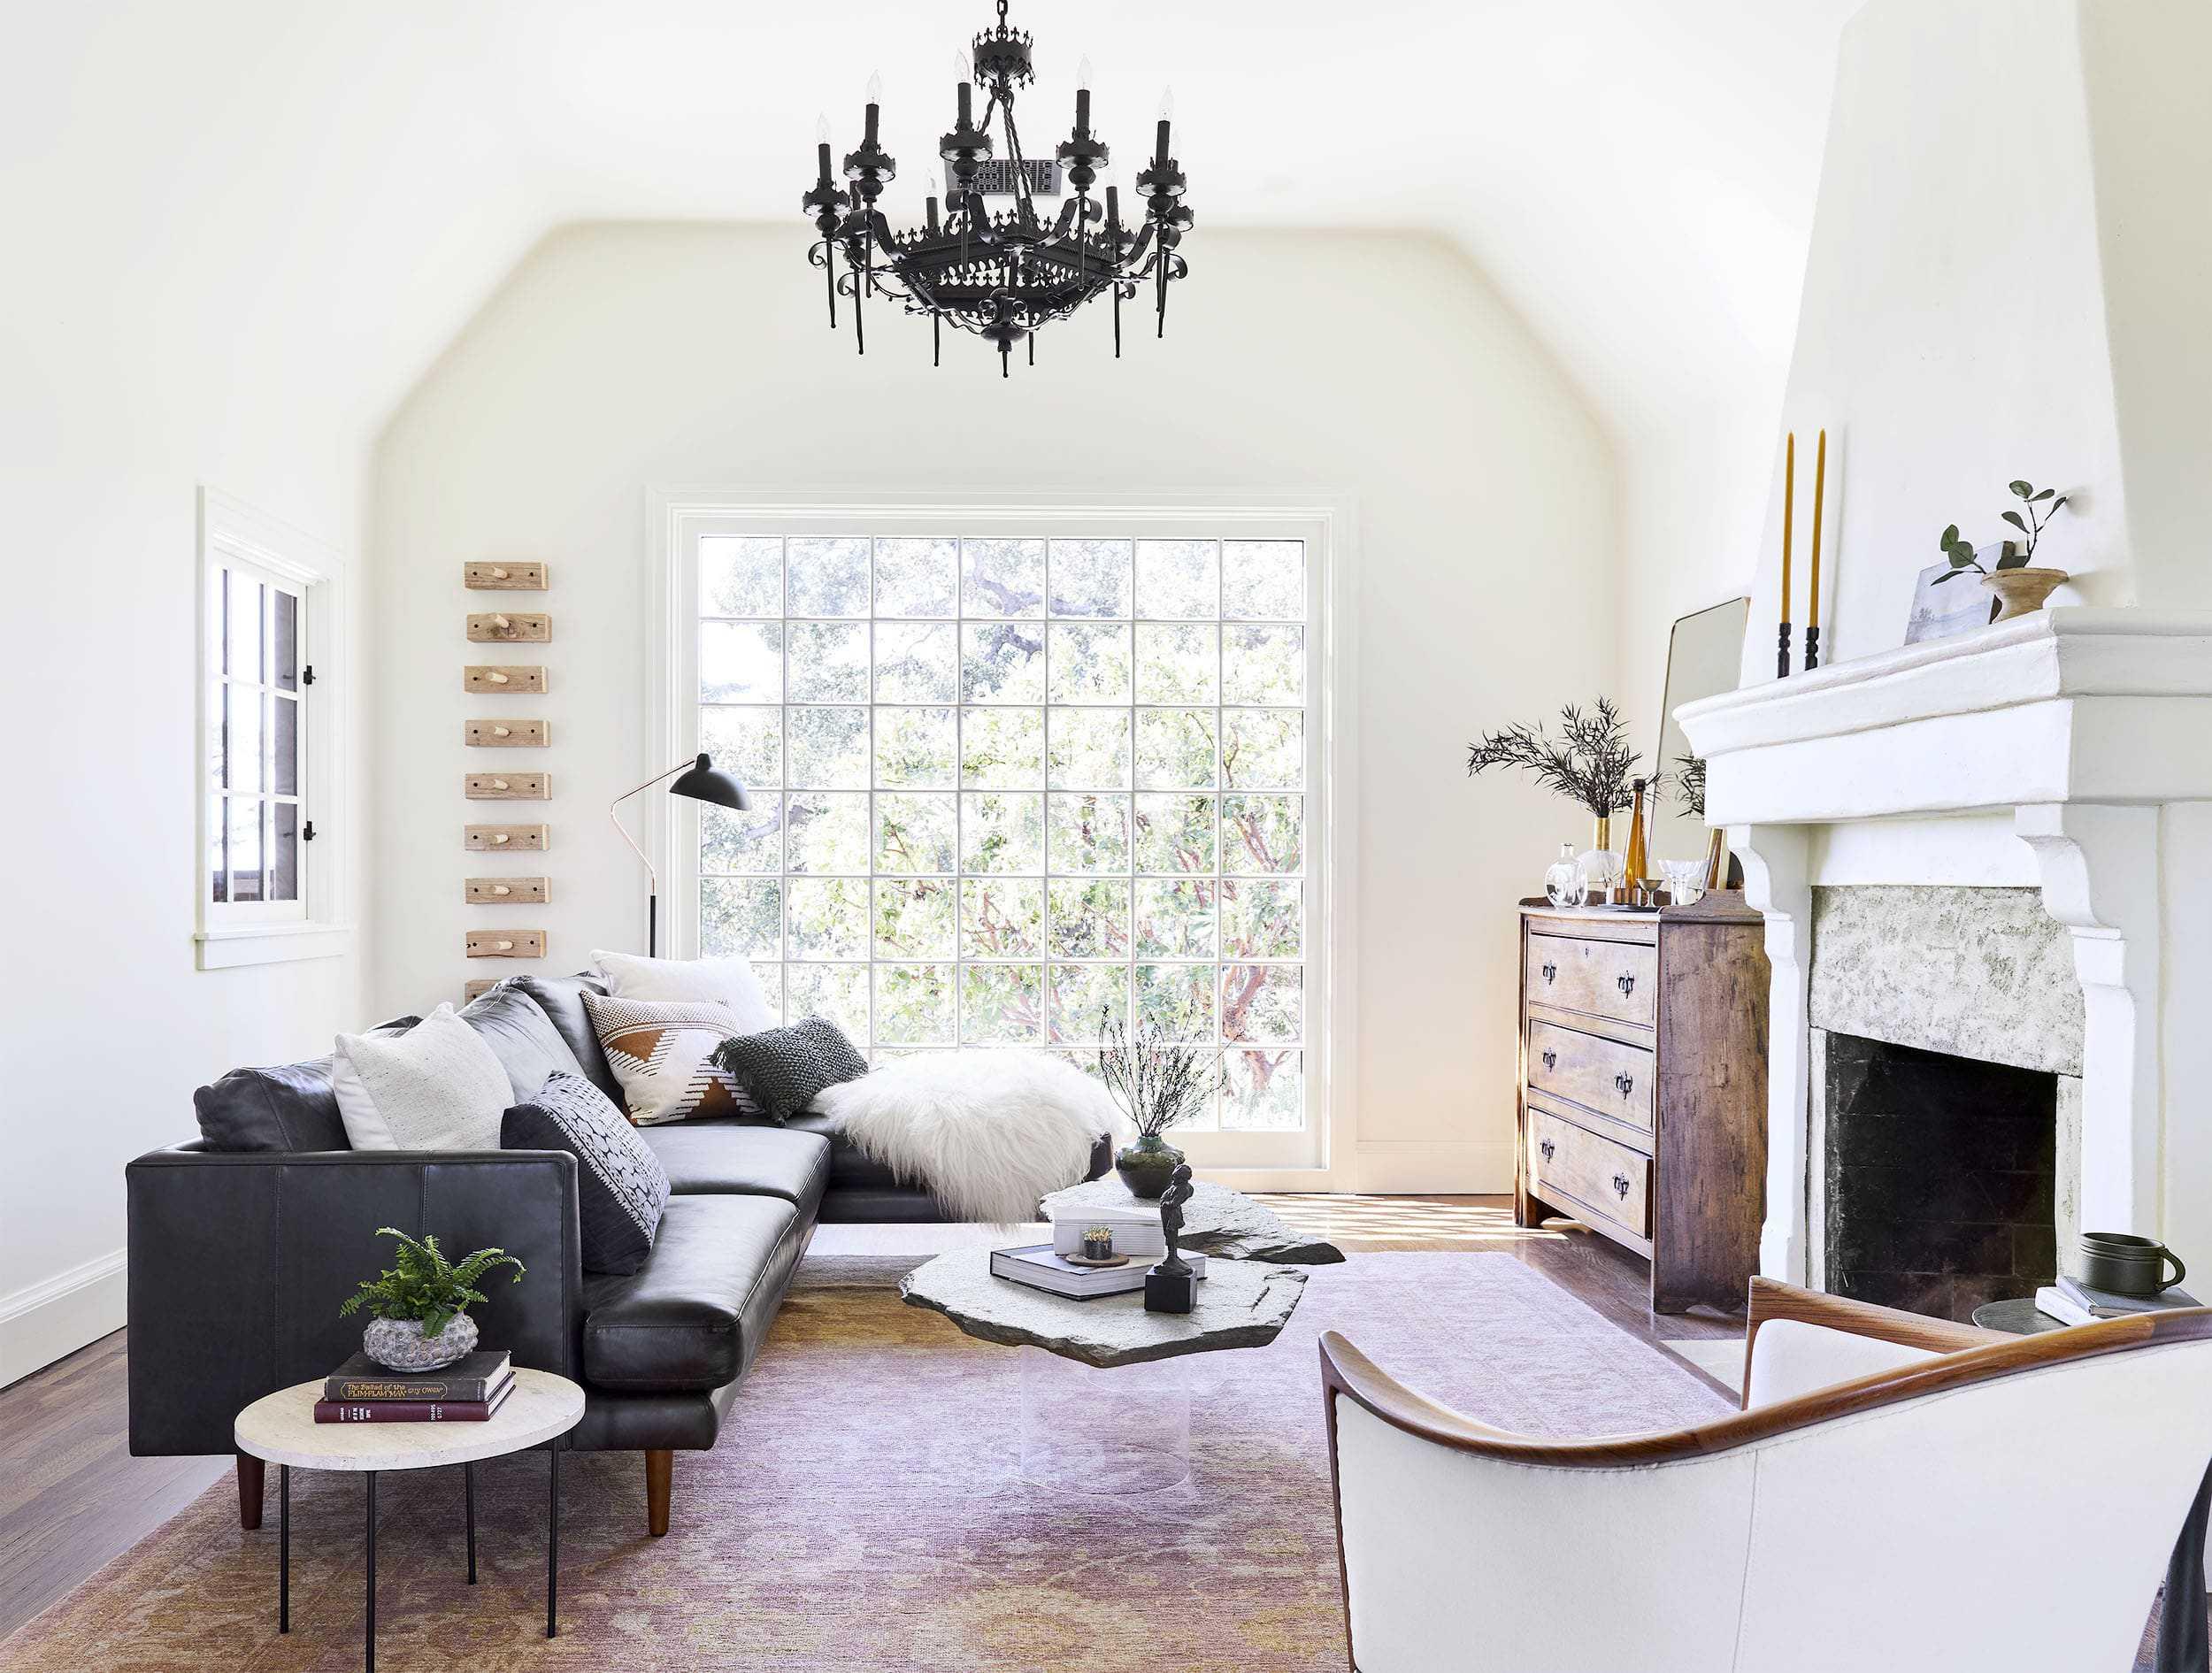 Ehd Amanda And William Living Room 01